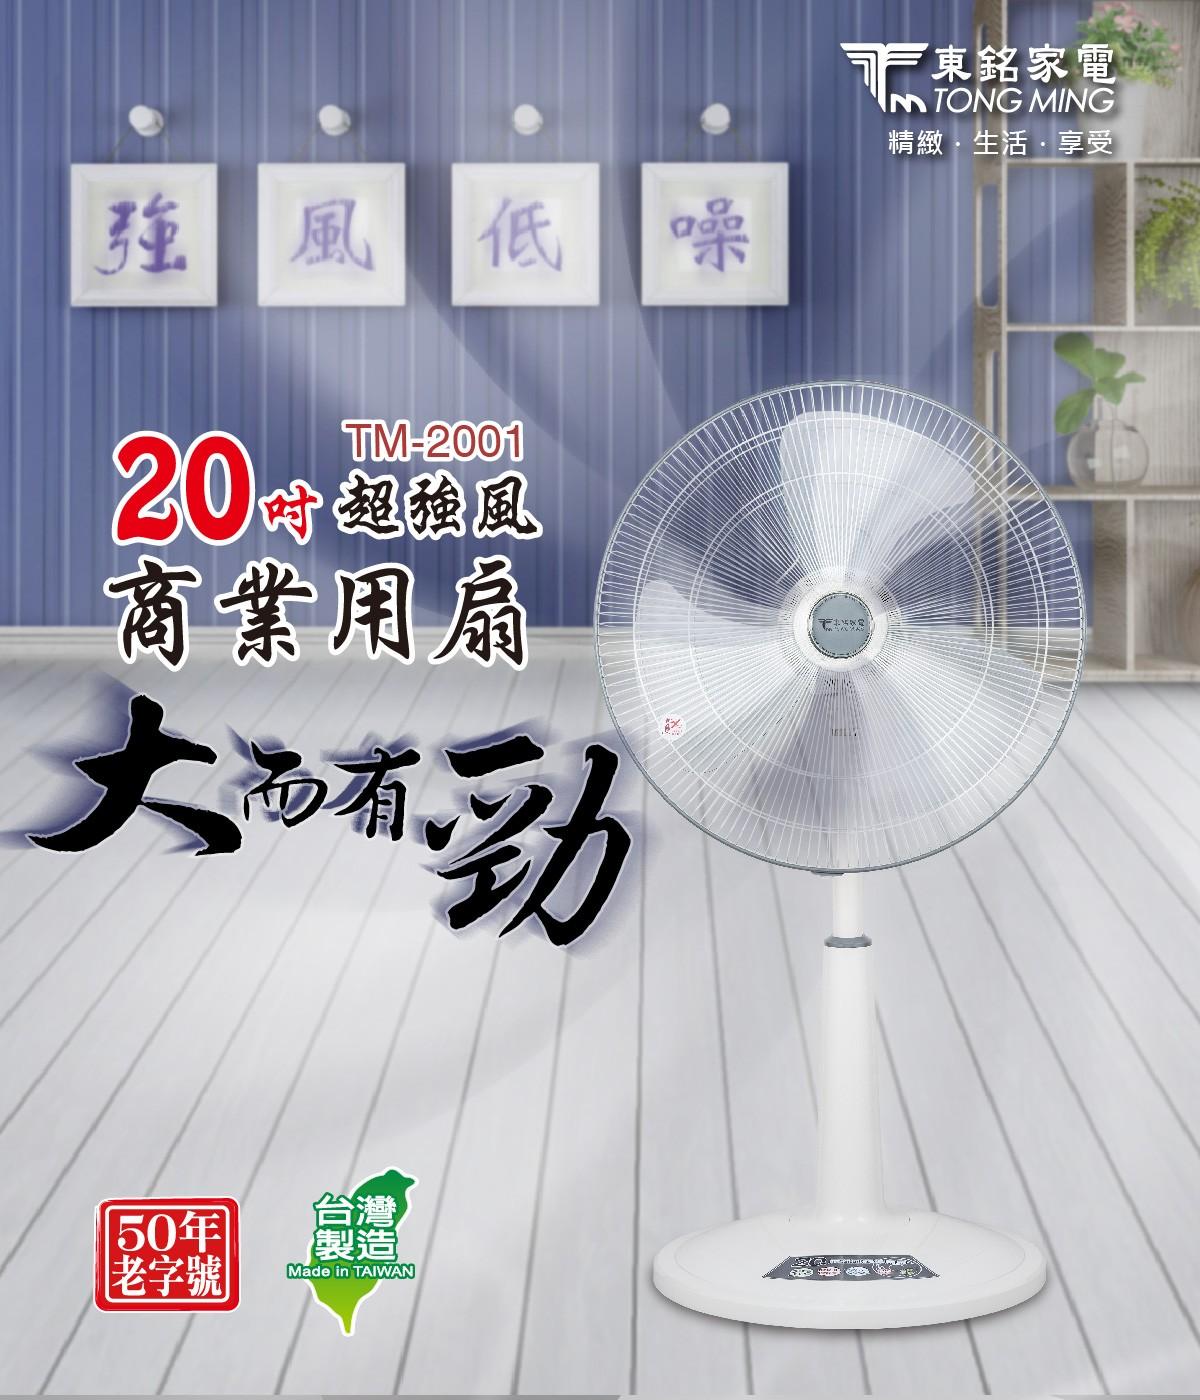 東銘 20吋超強風商業用扇 TM-2001